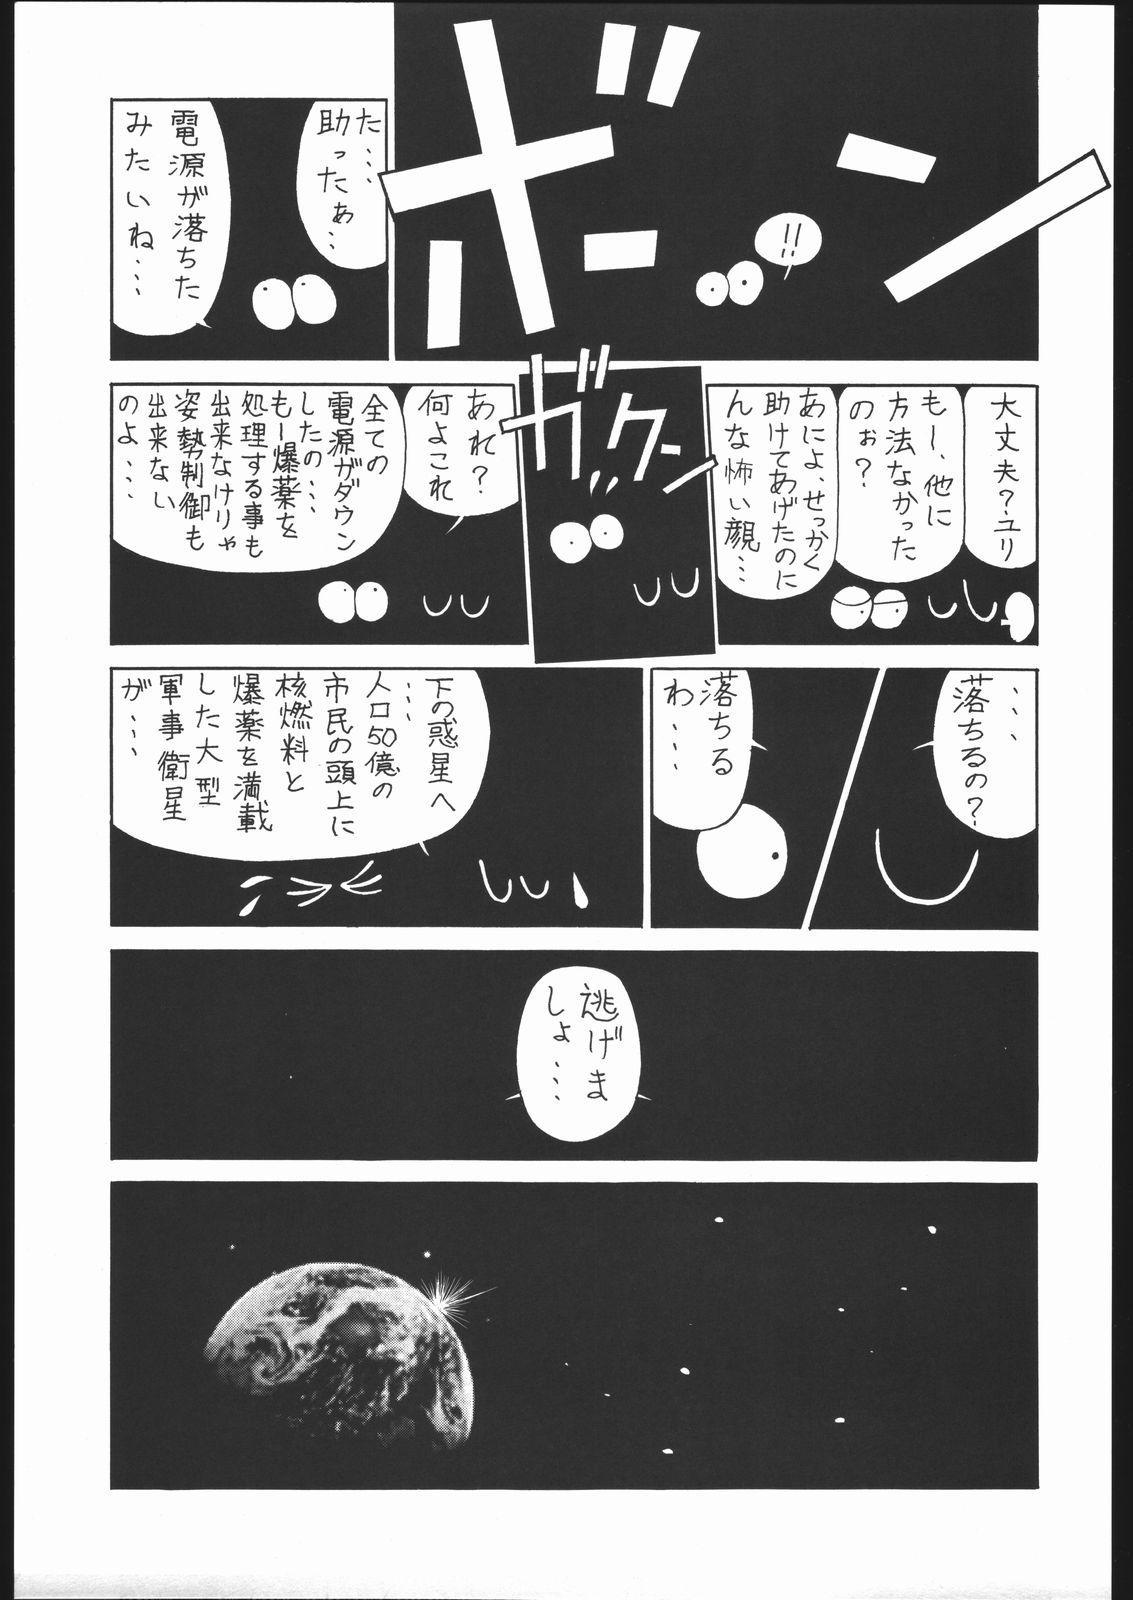 NNDP 5 13